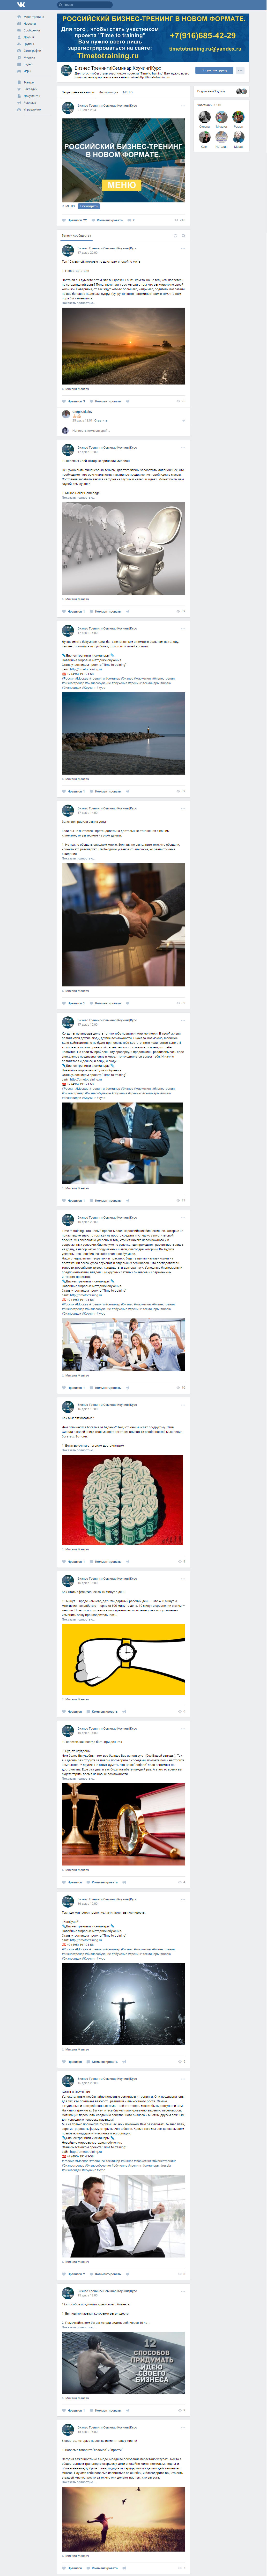 Продвижение Вконтакте бизнес тренингов